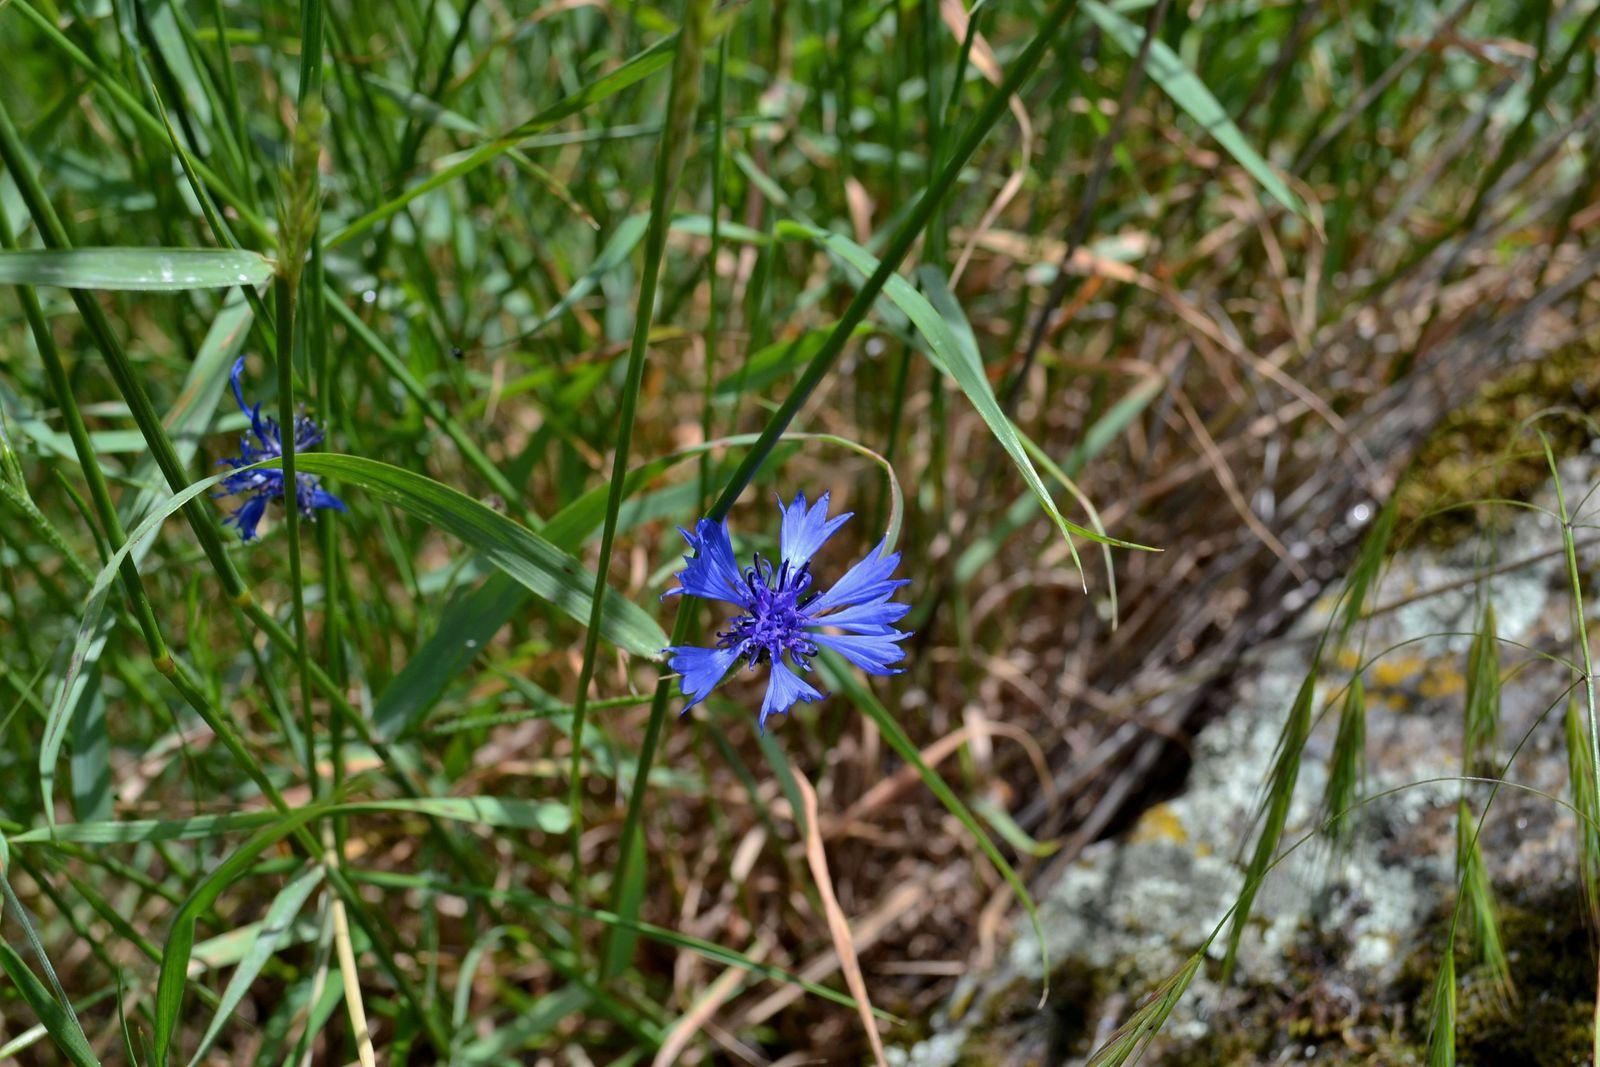 Sur la photo ci-dessus, une abeille en train de butiner une fleur de bleuet...